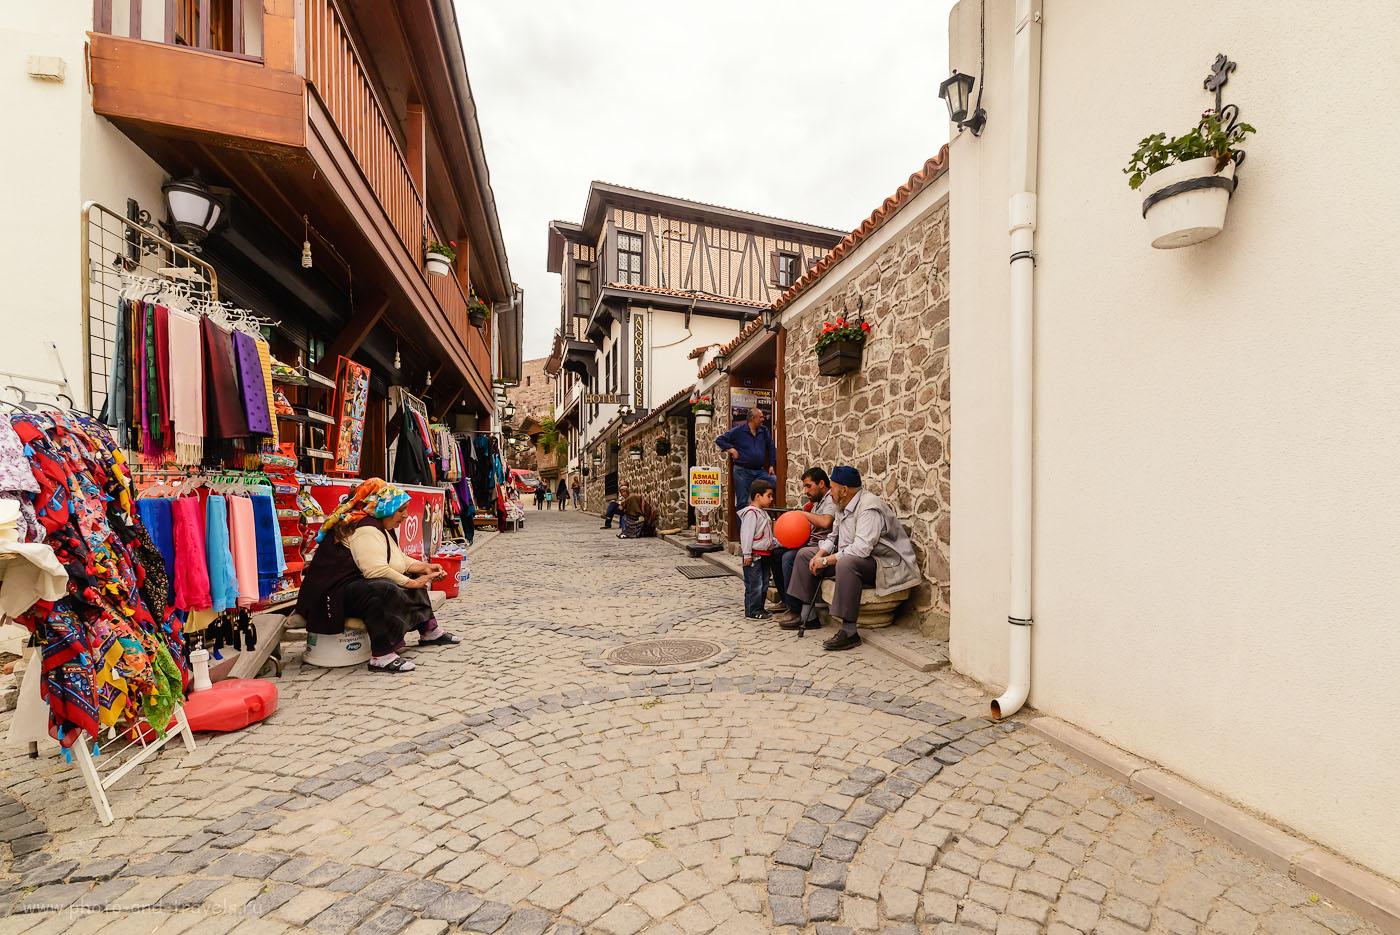 Фотография 23. Улочки на территории замка в Анкаре. Отчеты туристов о поездке в Турцию дикарями. 1/320, 8.0, 1600, 14.